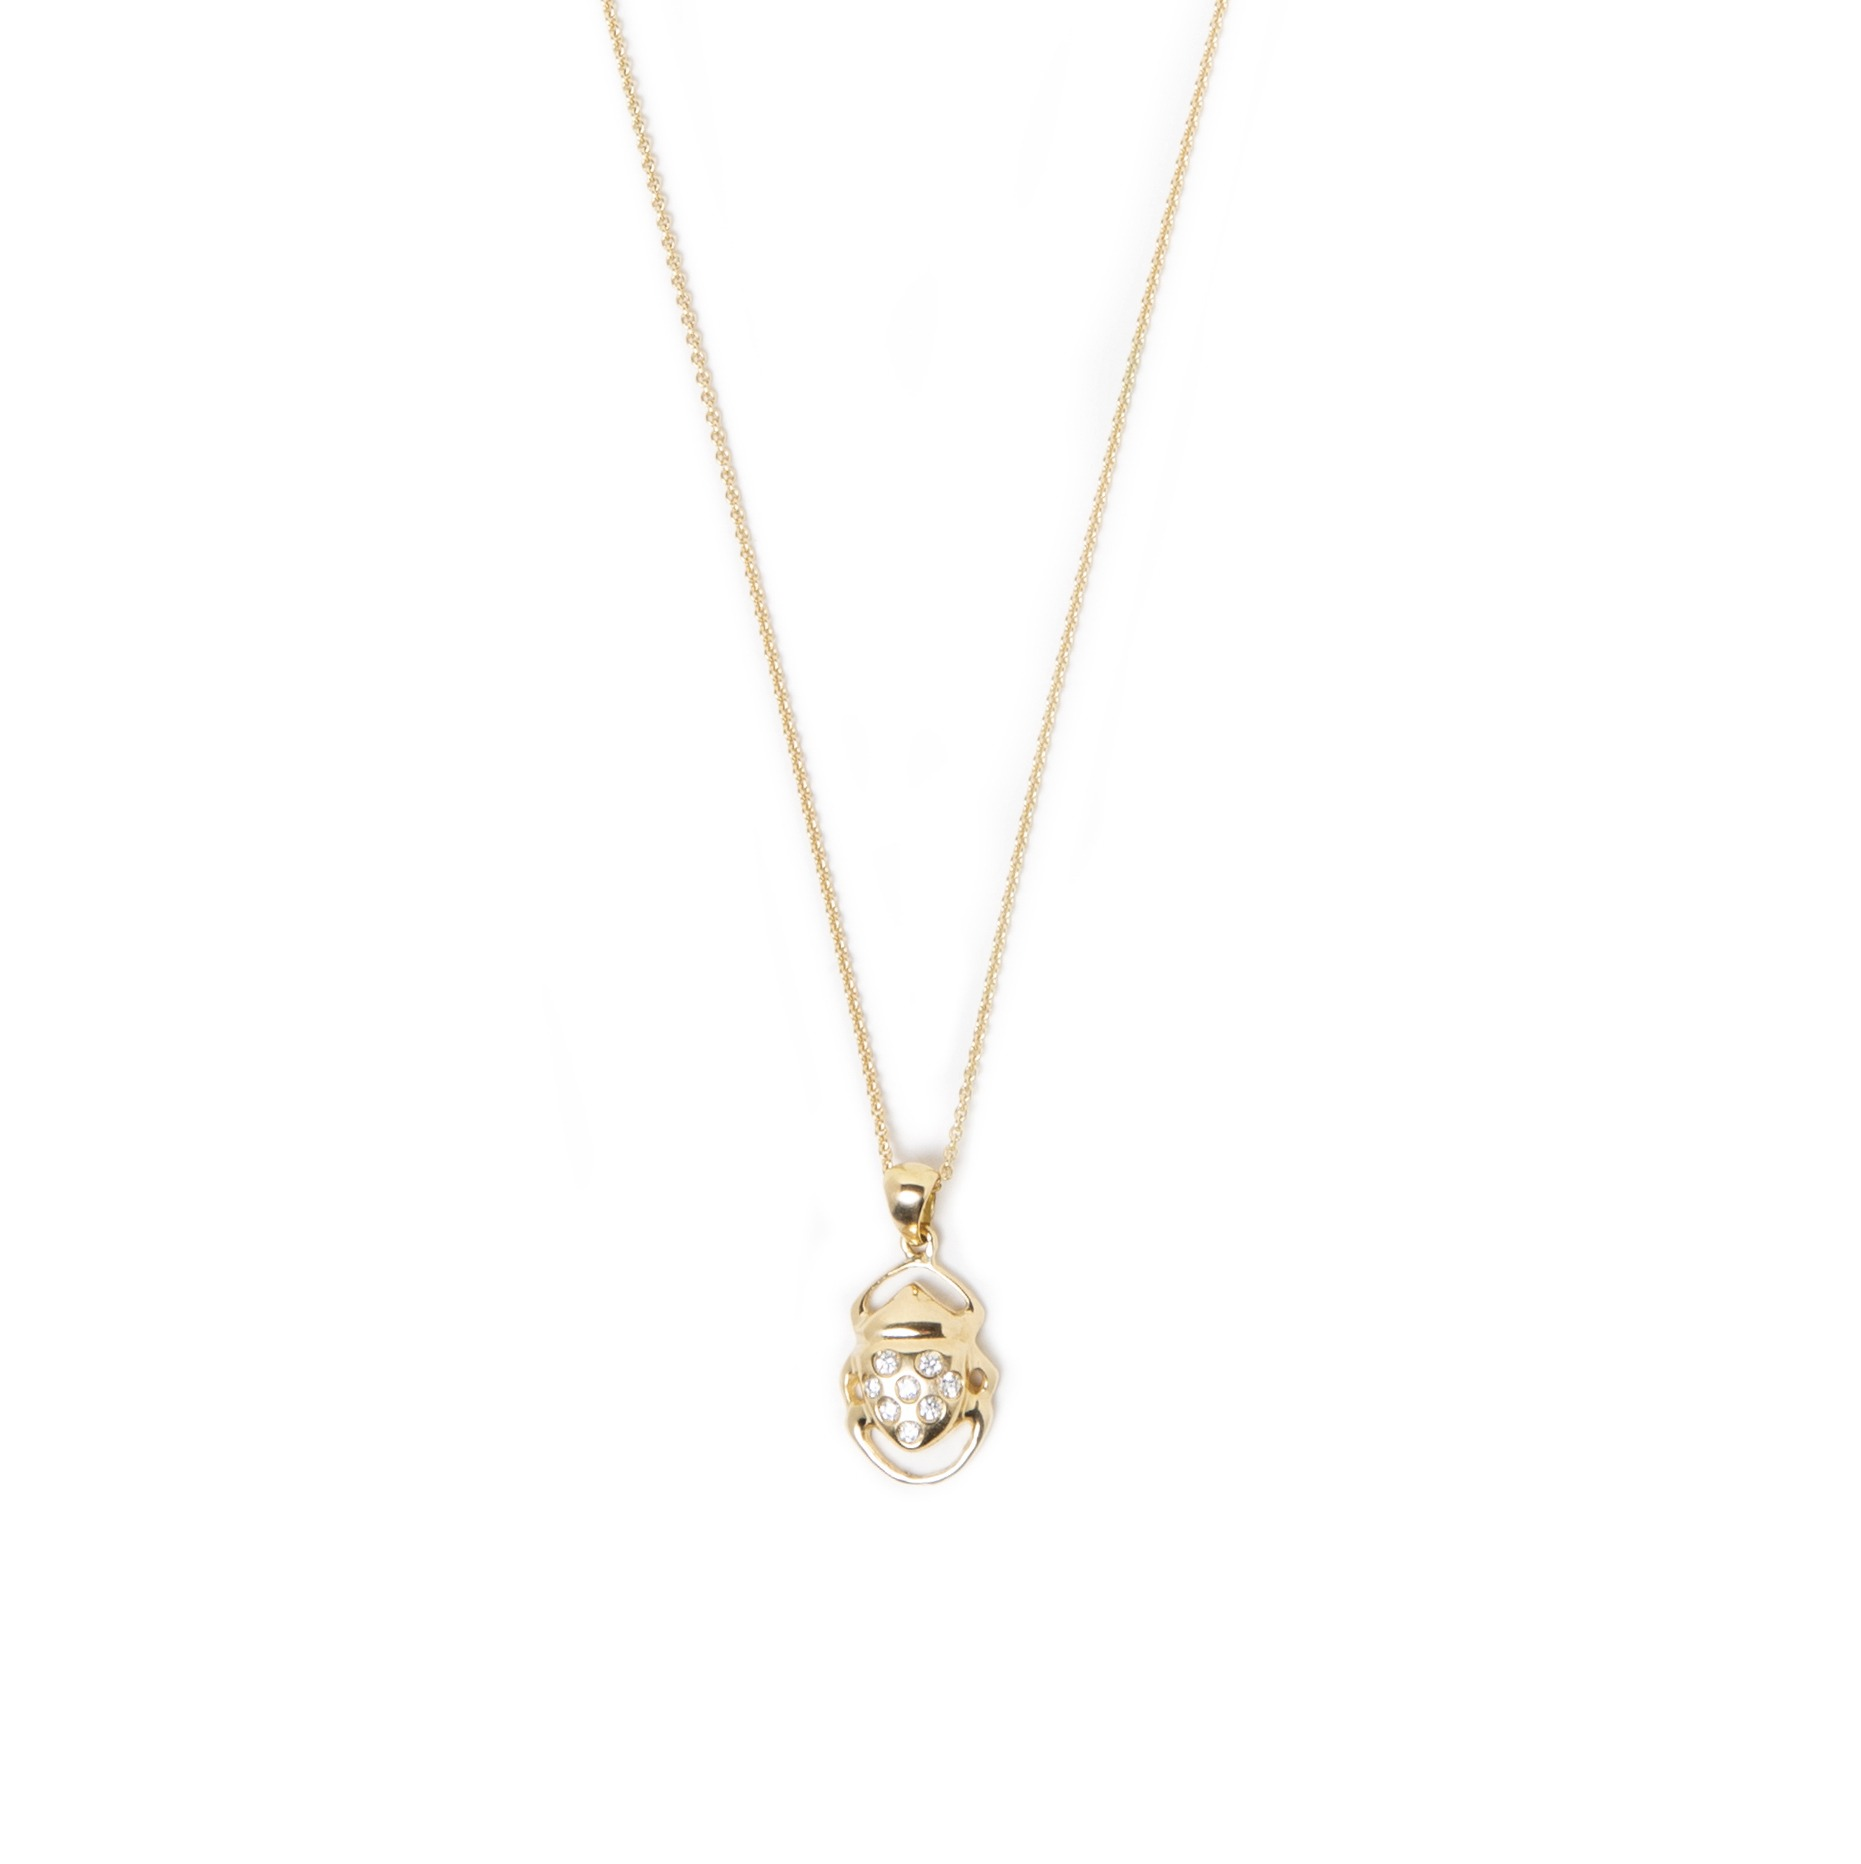 Pendentif Athéna en or 18K avec diamants de la collection Apothéose. Bijou SCARO disponible chez BIRKS - Montréal